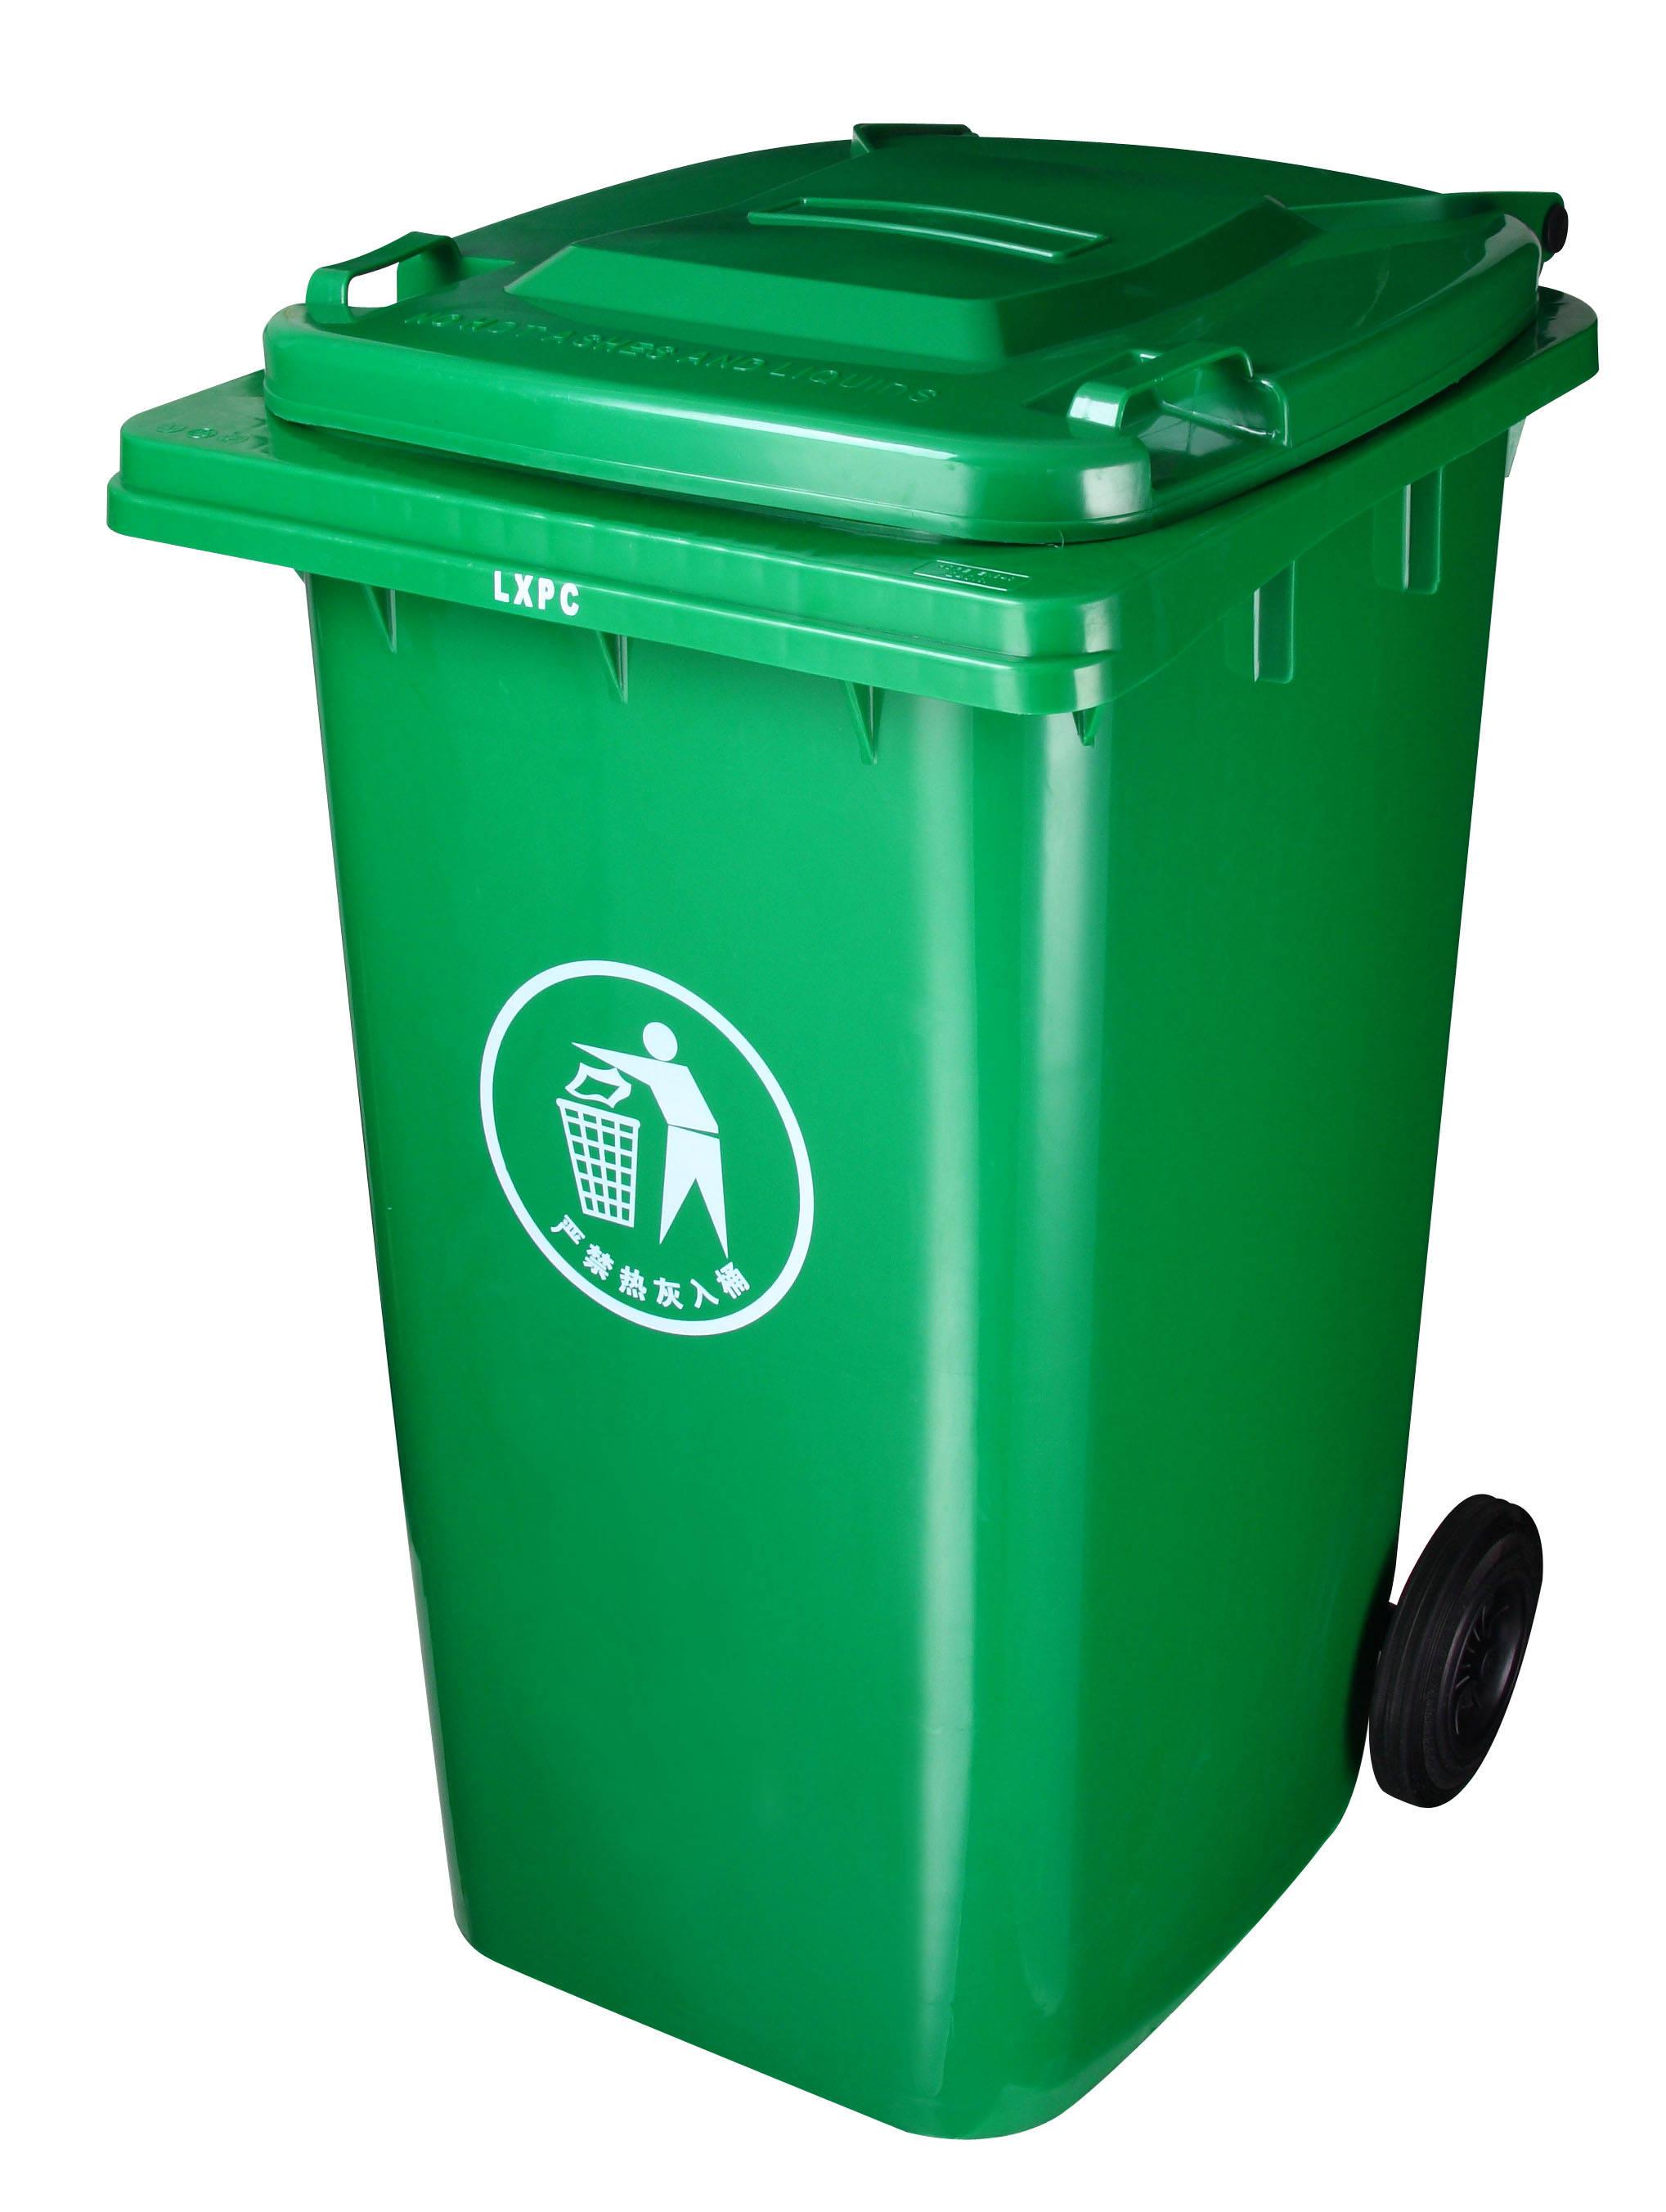 塑料垃圾桶,用于酒店装垃圾使用